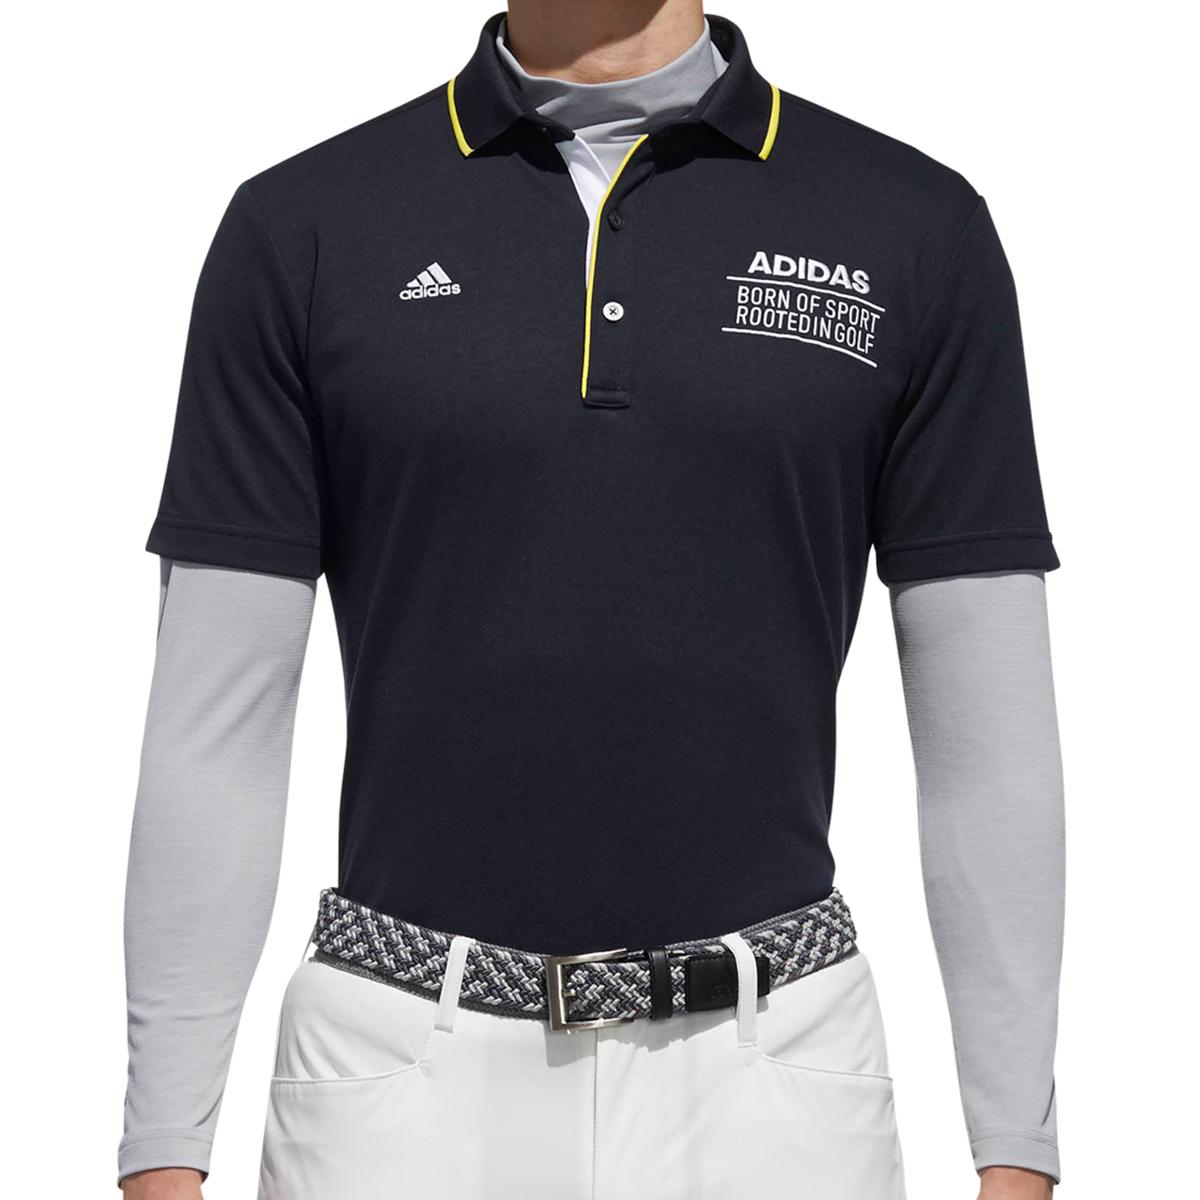 adicross 3ストライプ レイヤード半袖ポロシャツ